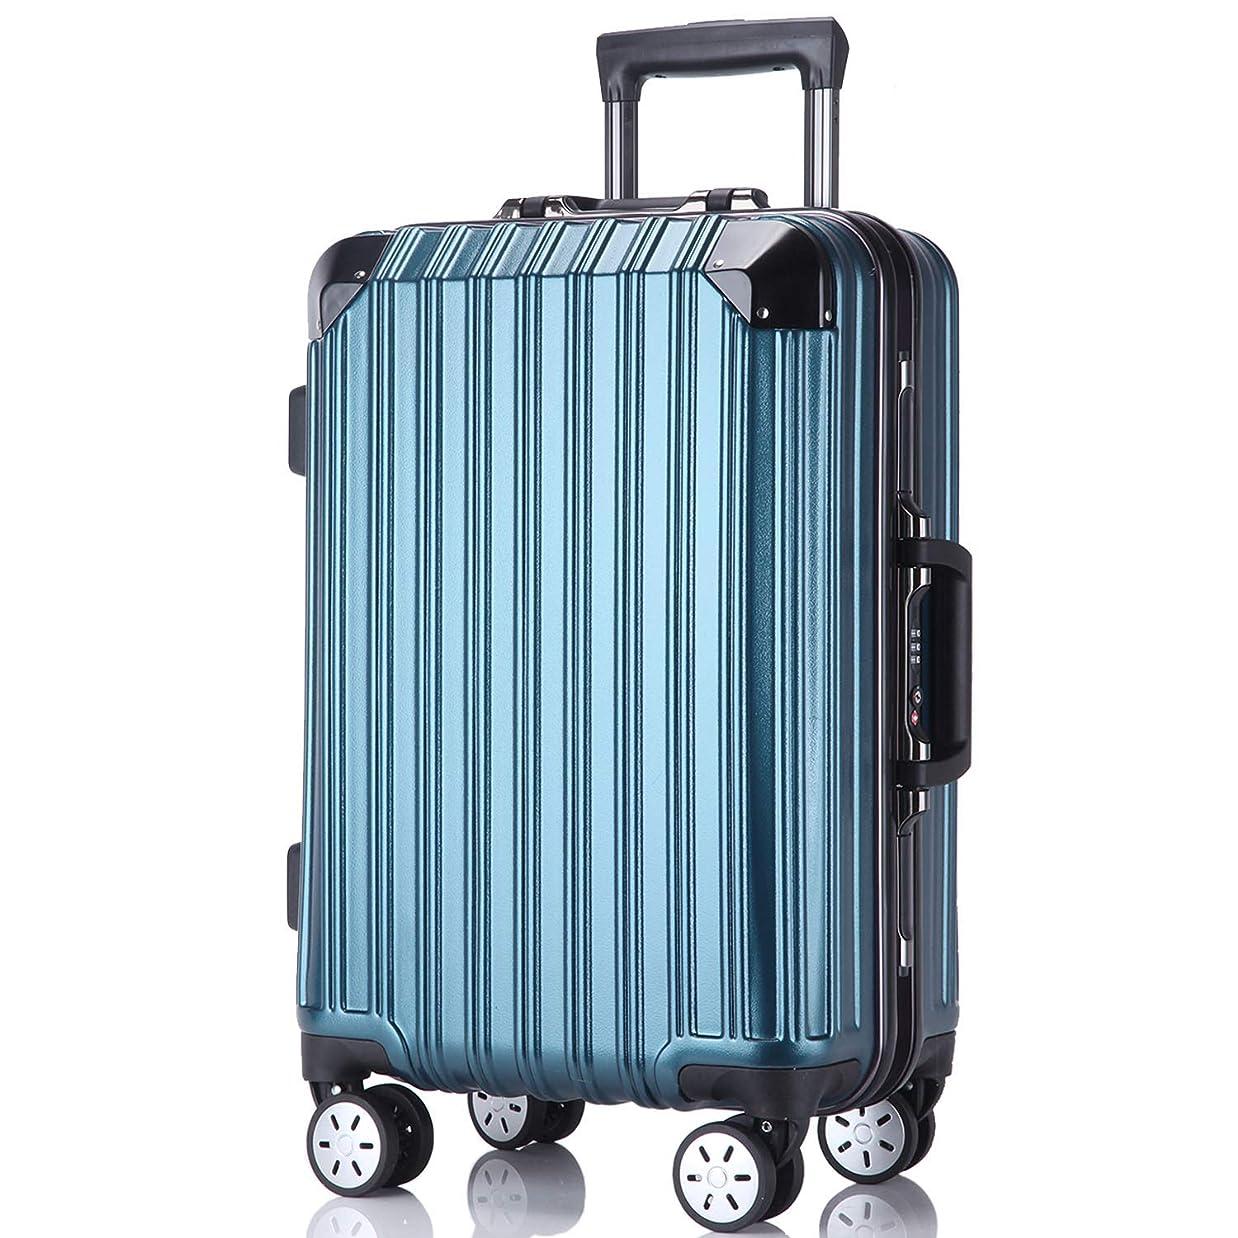 空いているユニークな温室レーズ(Reezu) スーツケース 軽量 キャリーバッグ アルミフレーム キャリーケース TSAロック付 8輪 アルミ合金製 耐衝撃 旅行出張 1年保証